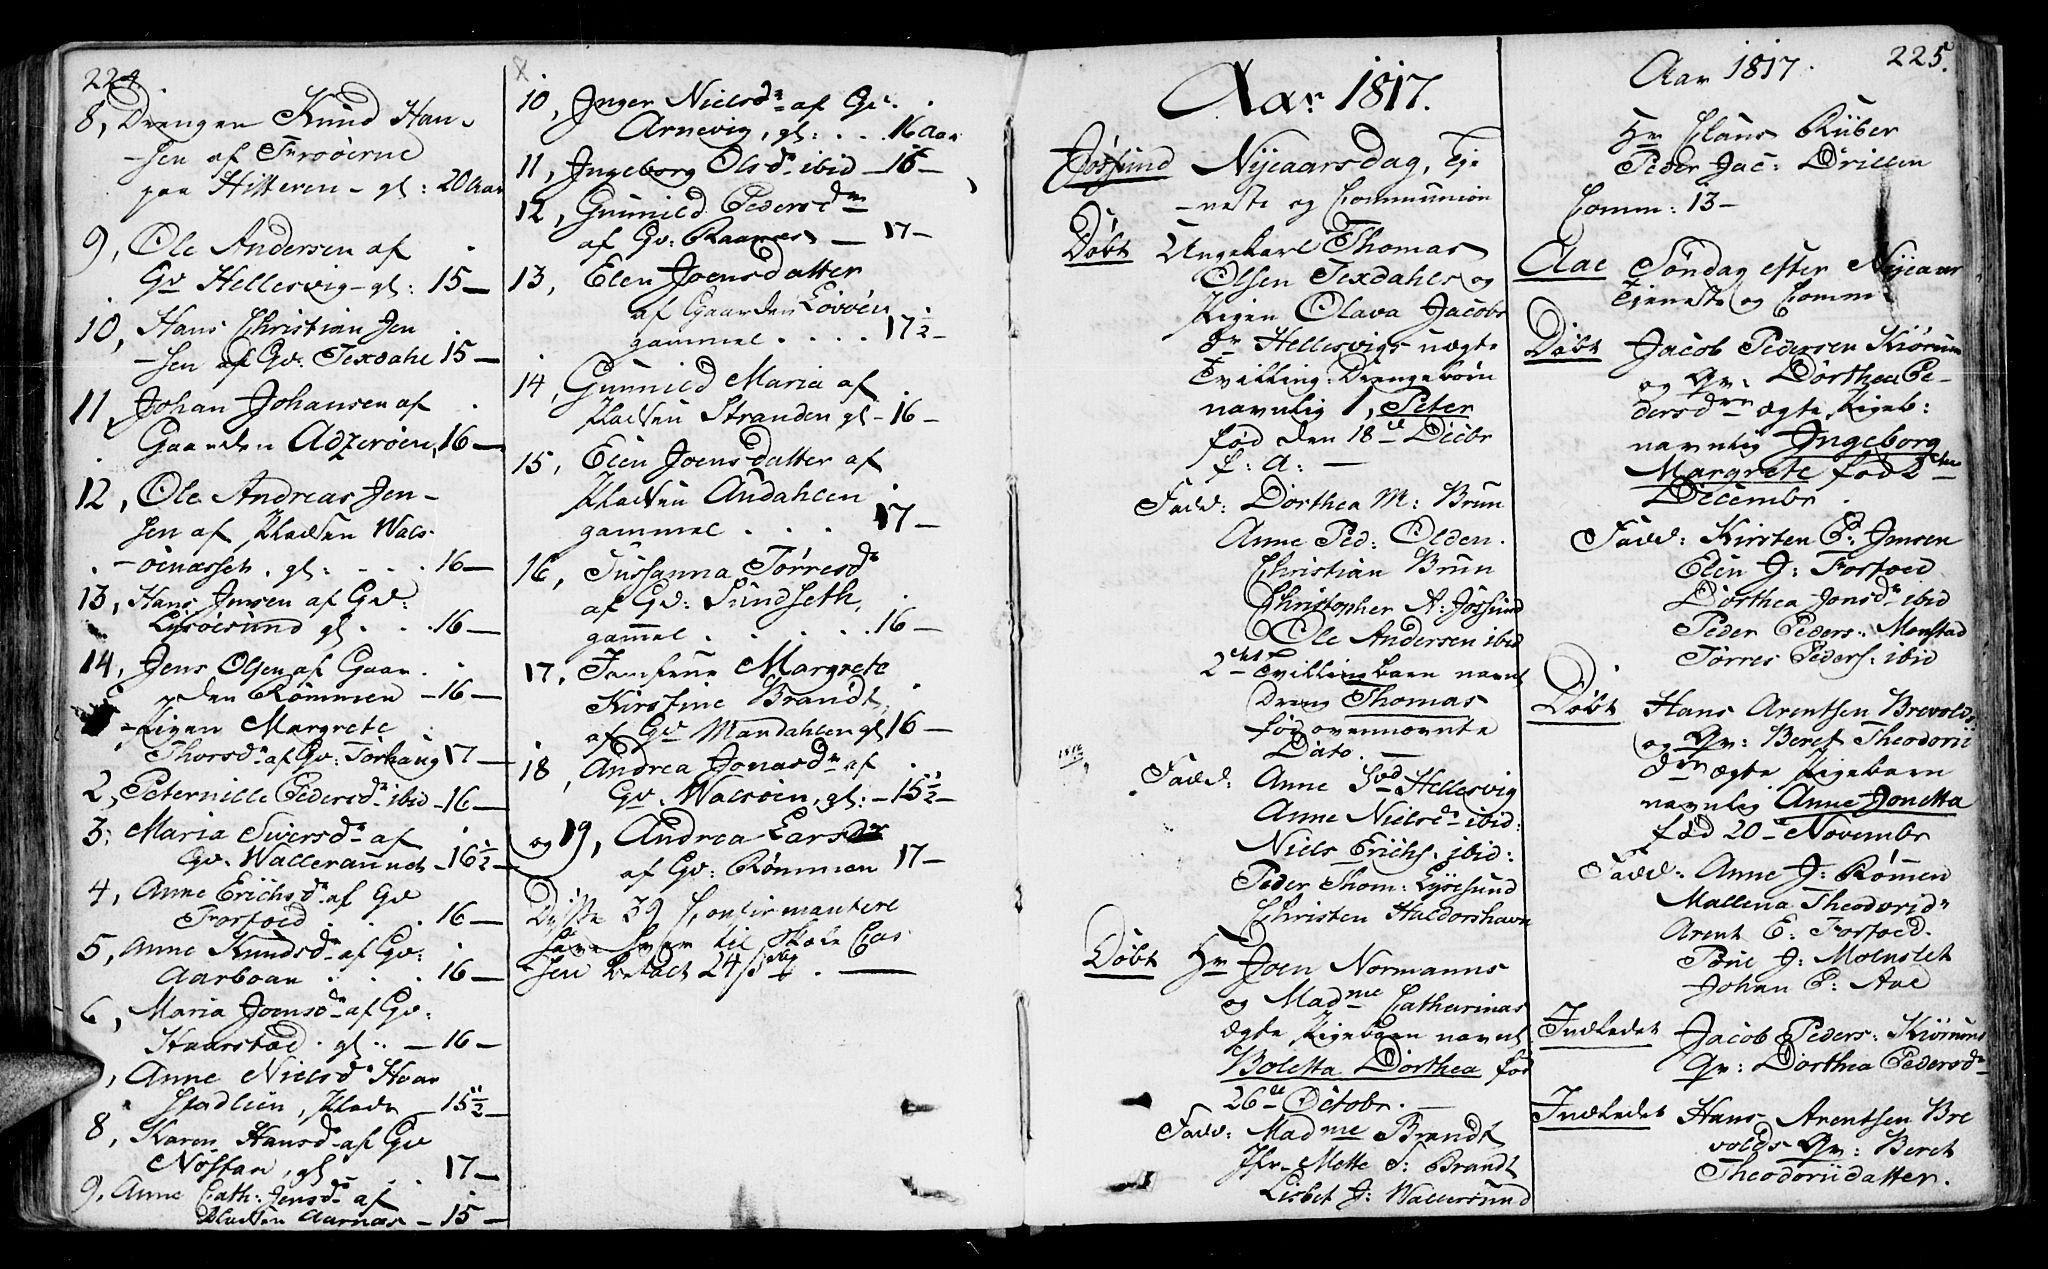 SAT, Ministerialprotokoller, klokkerbøker og fødselsregistre - Sør-Trøndelag, 655/L0674: Ministerialbok nr. 655A03, 1802-1826, s. 224-225